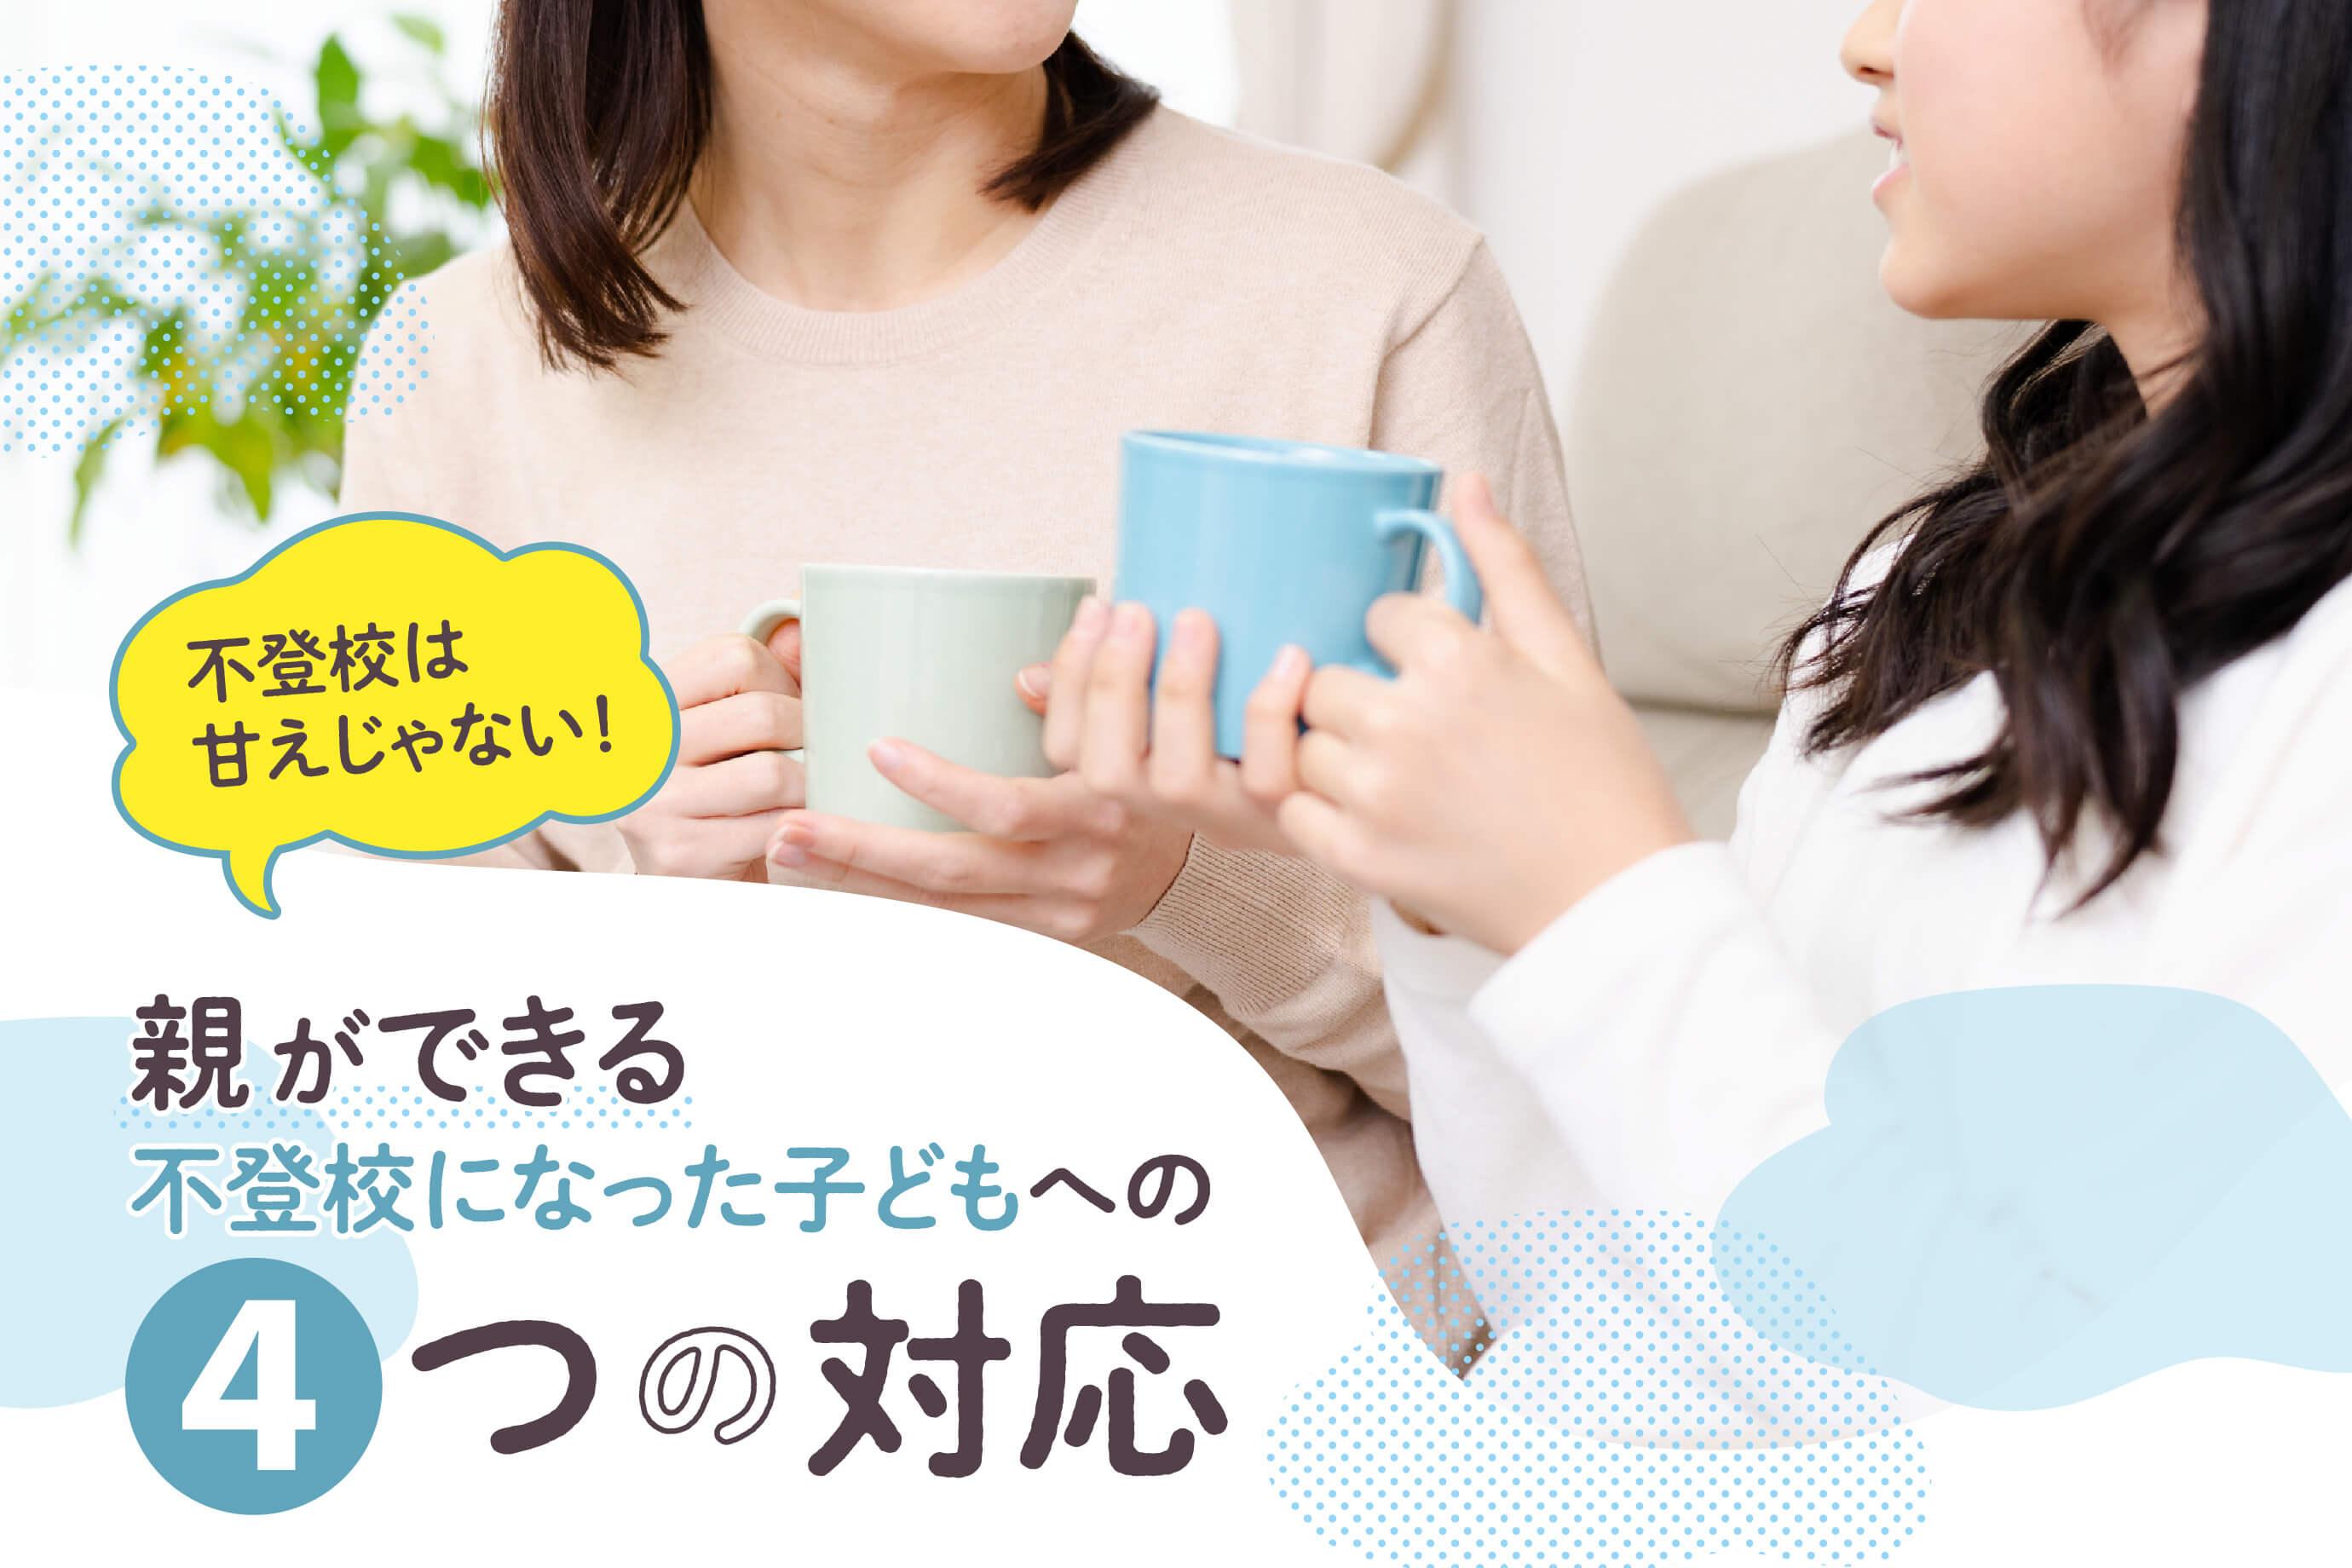 登校 親 特徴 不 不登校中学生の特徴①<<親の要因とは!?>>